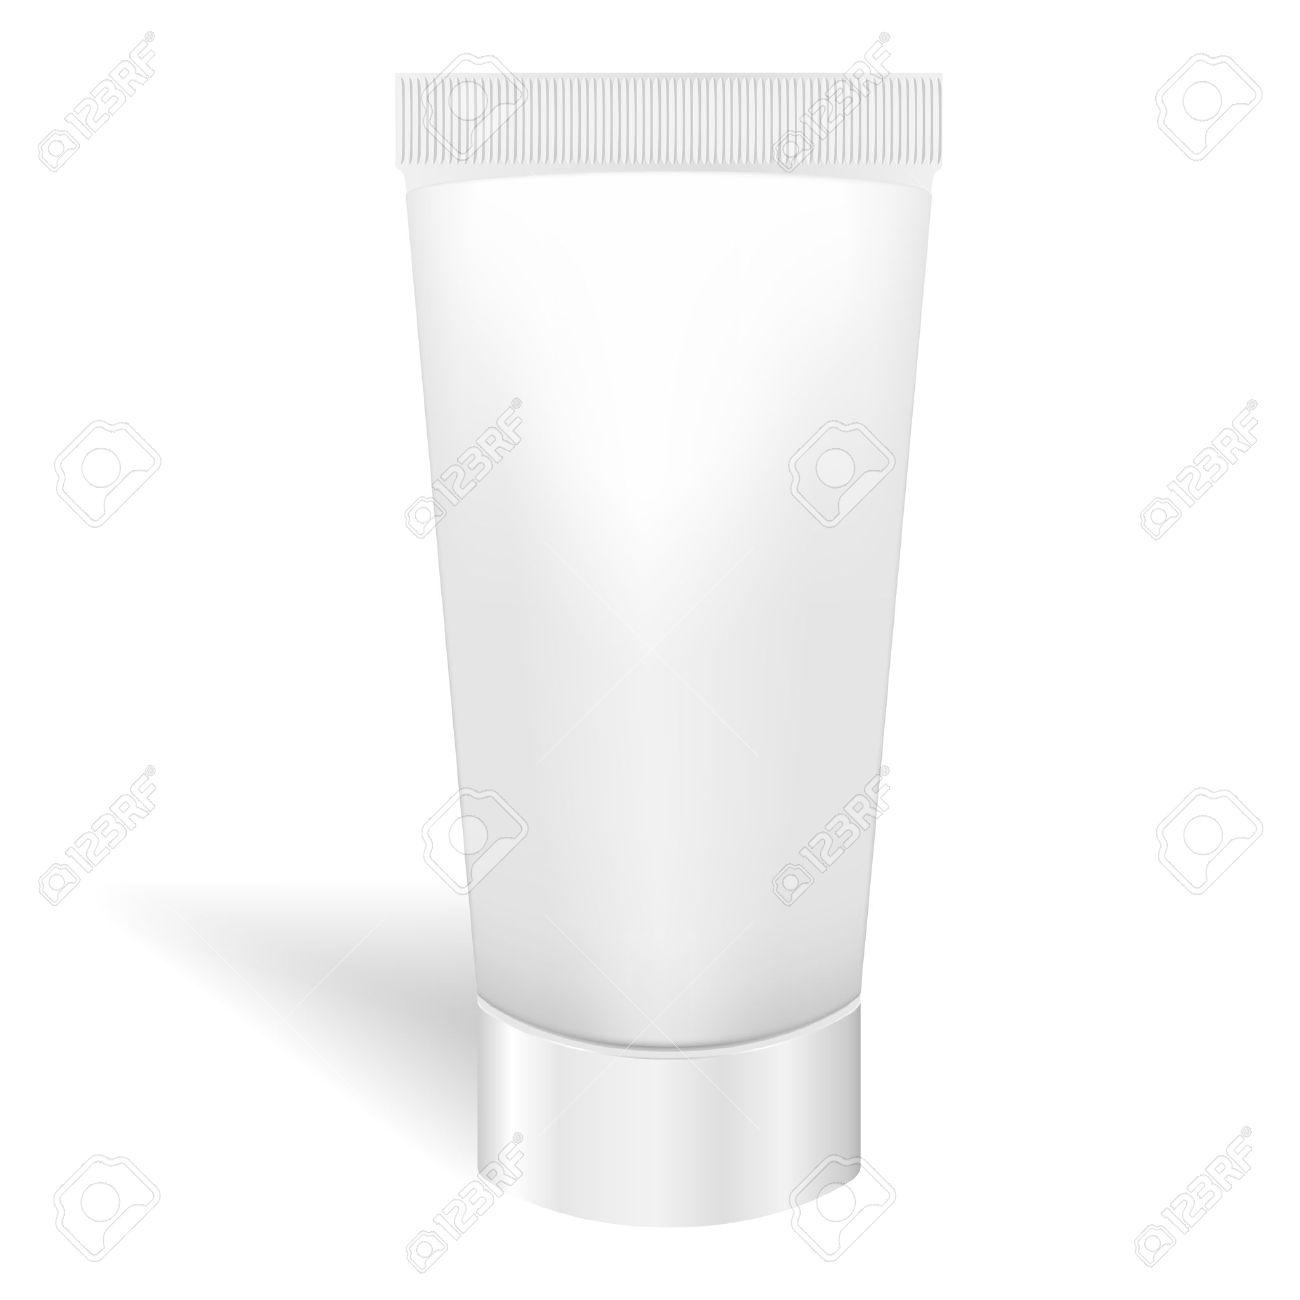 Tubo Blanco En Blanco Para La Crema O Gel Para Embalaje Pasta De ...